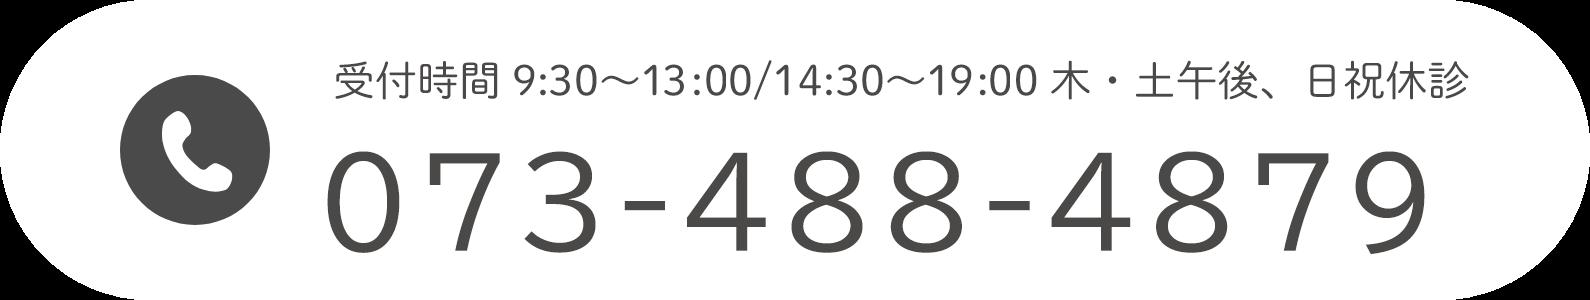 TEL:073-488-4879